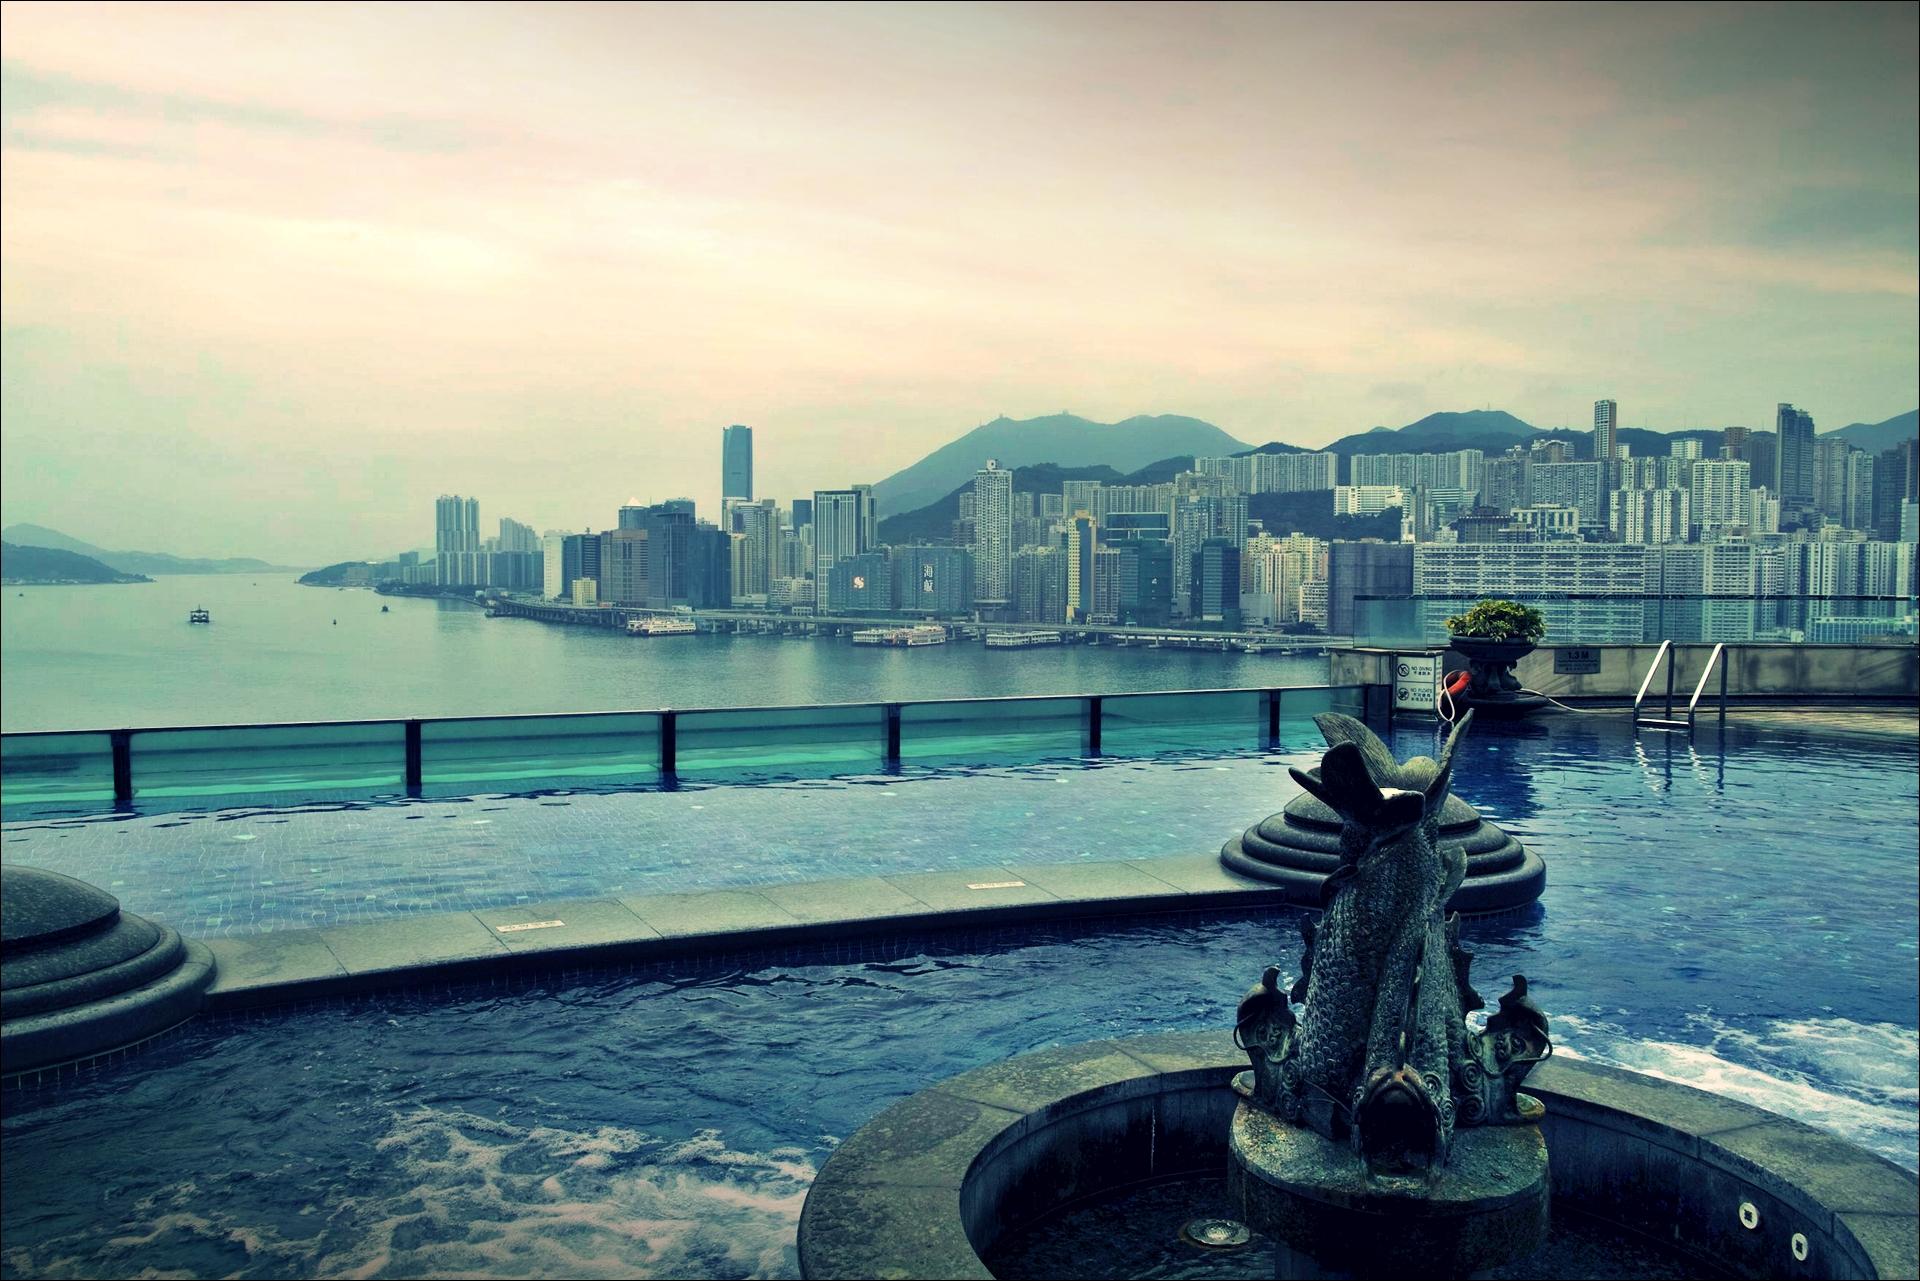 수영장-'하버 그랜드 구룡 호텔, 홍콩 (Harbour Grand Kowloon, Hongkong)'